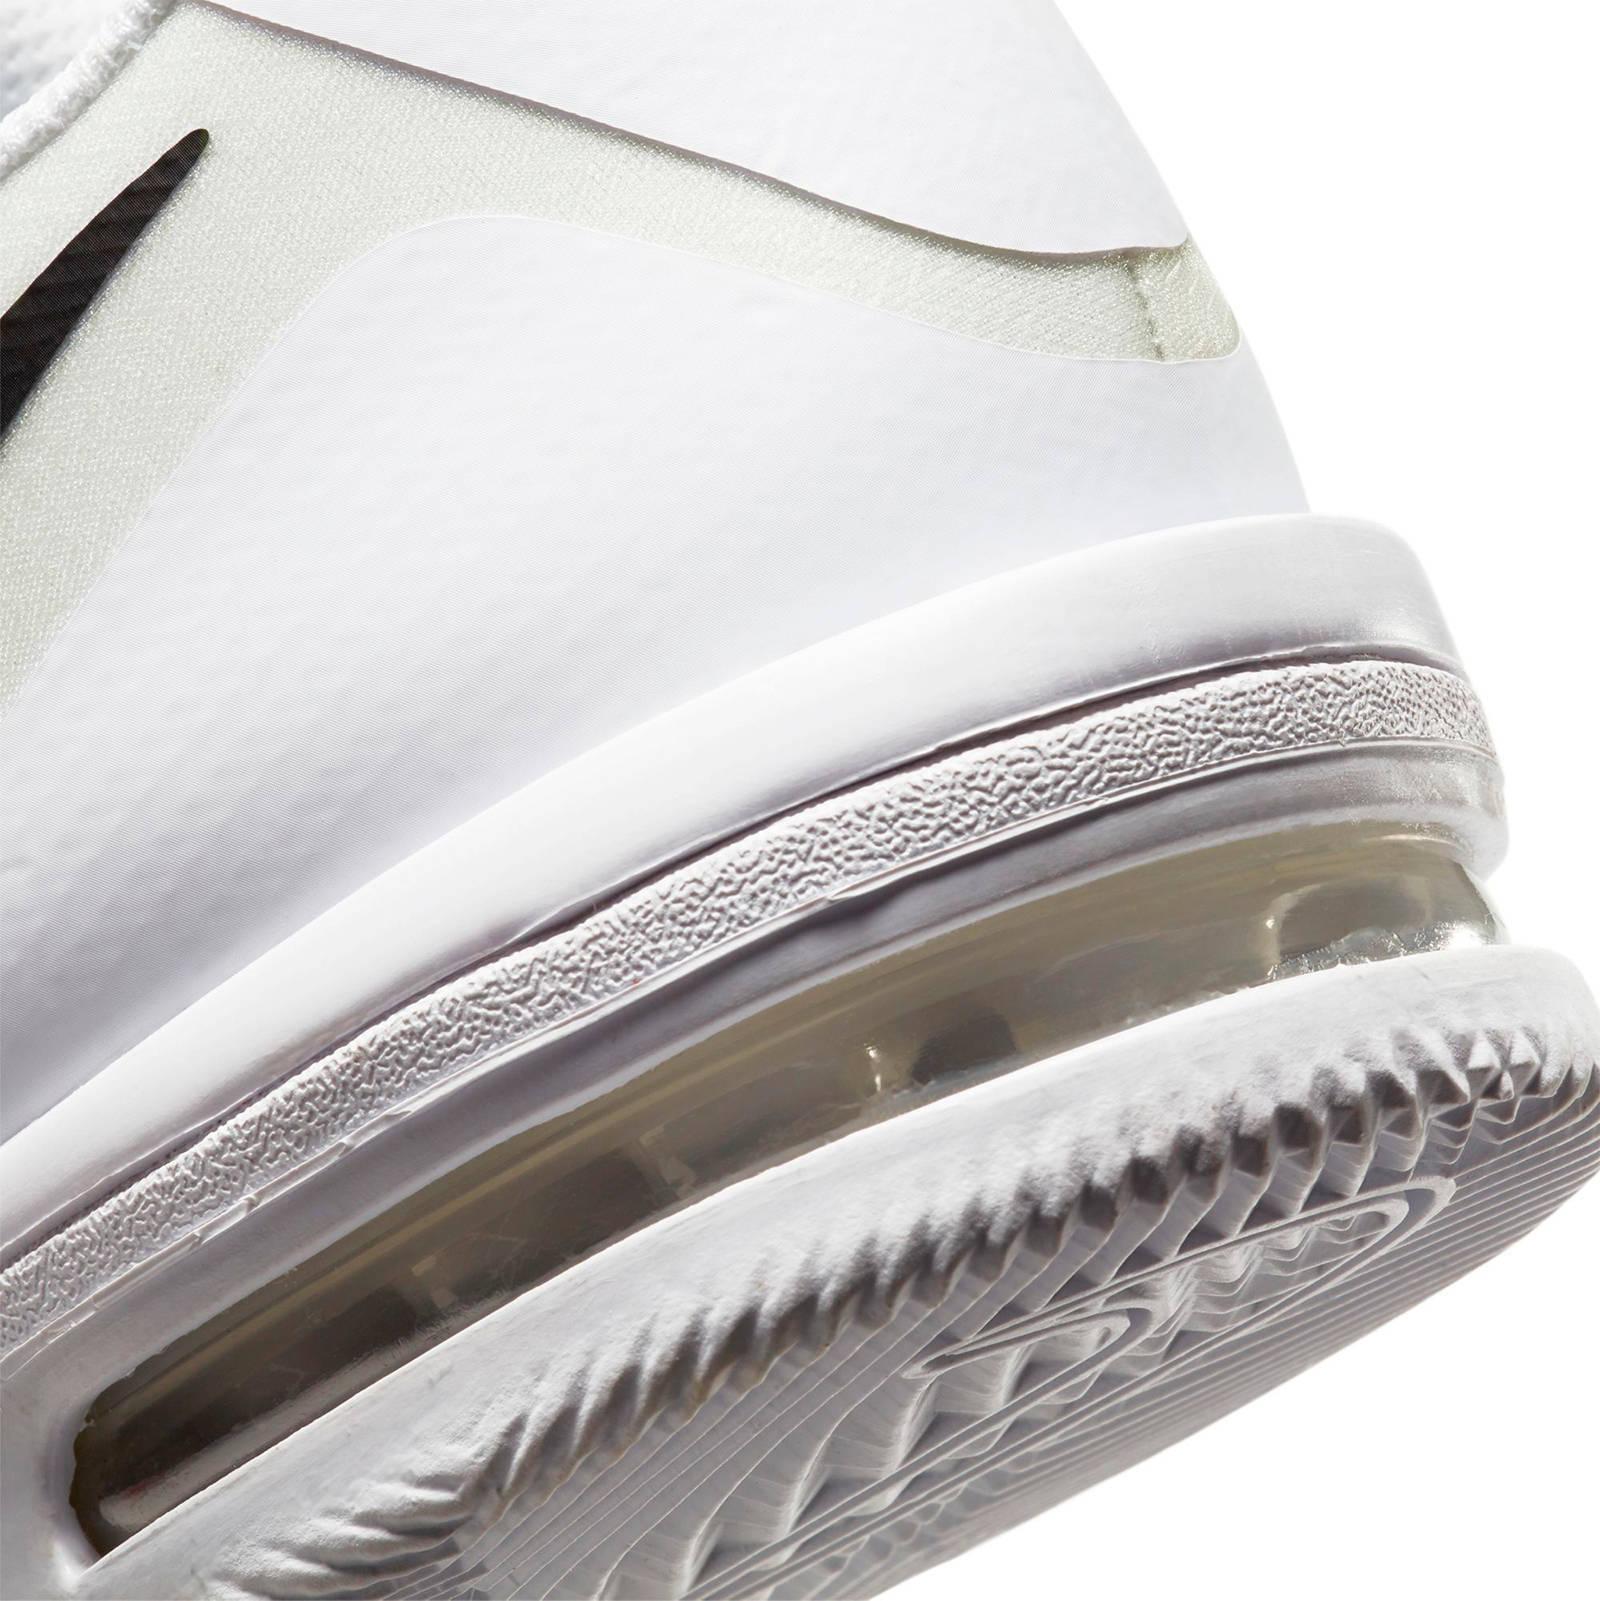 Nike Court Air Max Vapor Wing tennisschoenen witzwart | wehkamp